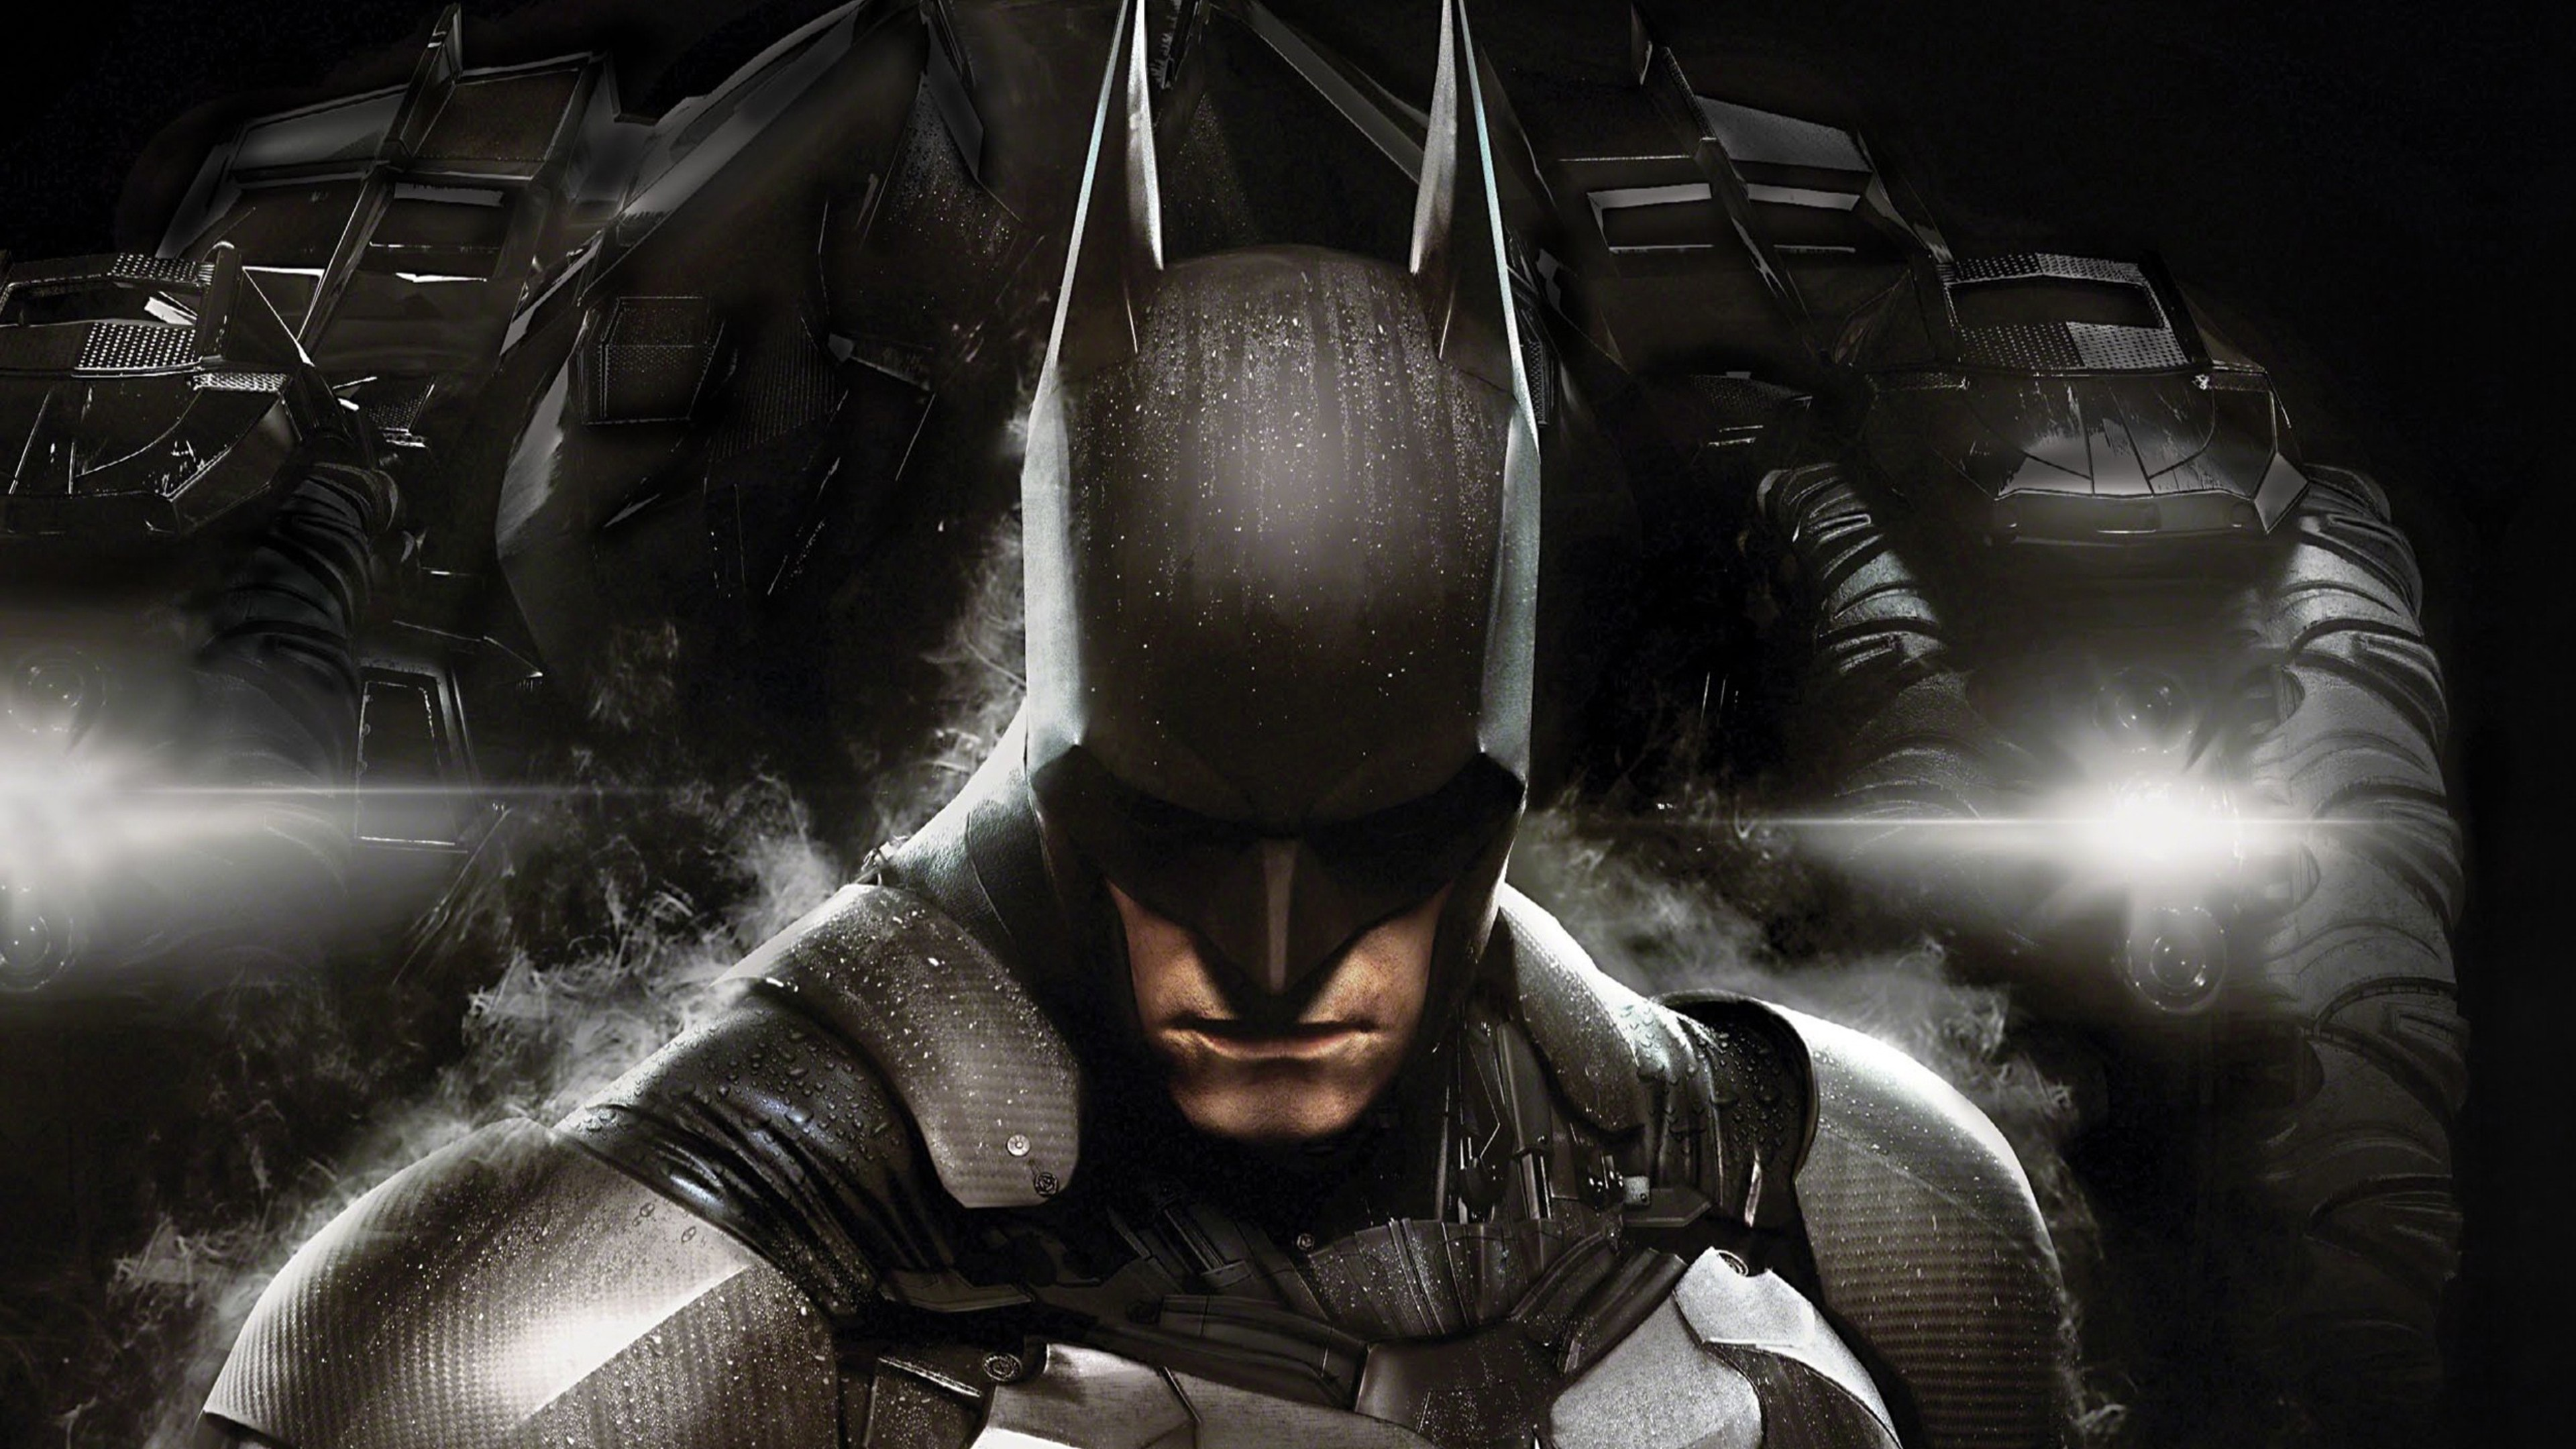 Batman Arkham Knight Full HD, HD Movies, 4k Wallpapers ...